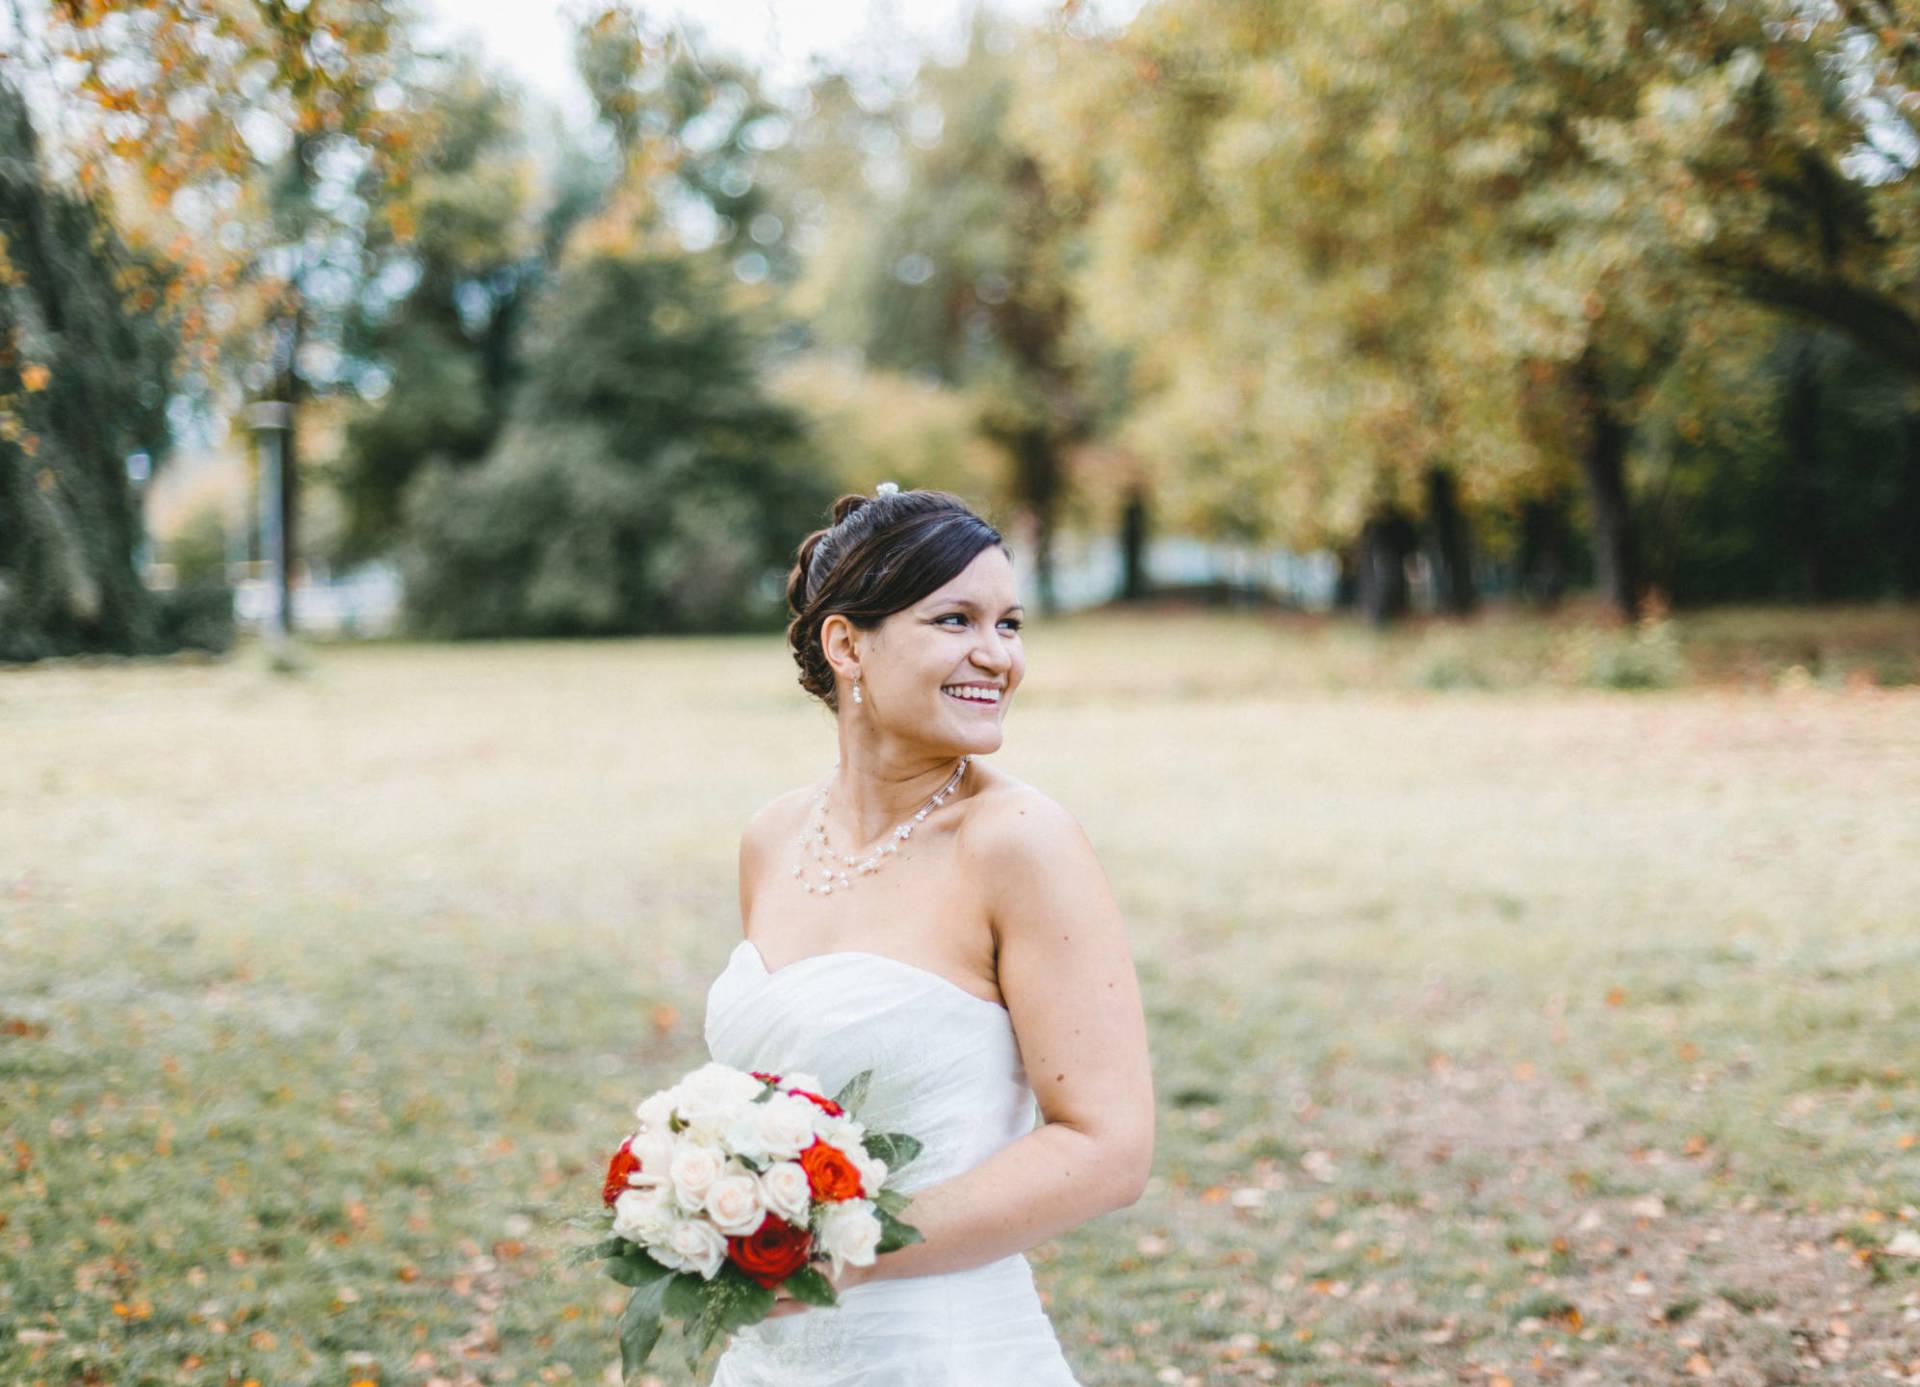 Hochzeitsreportage | Hochzeit im Paradies Jena | 21